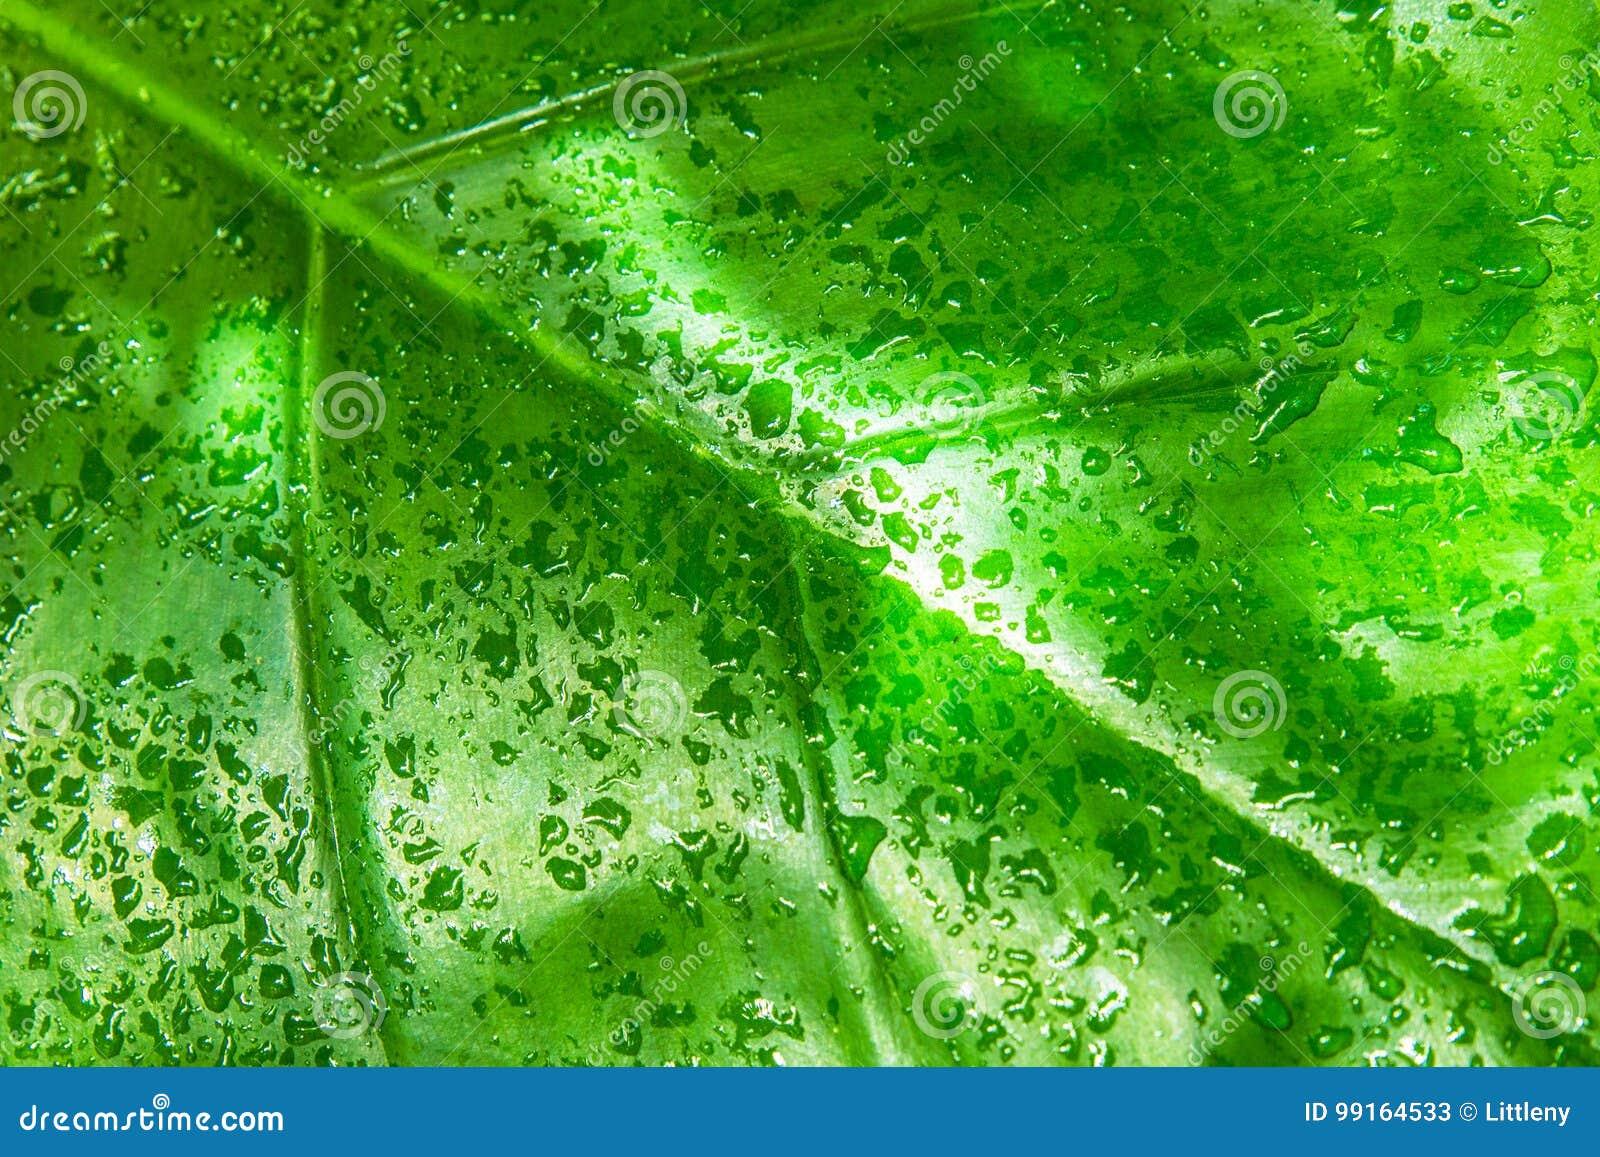 Feuille de forêt tropicale